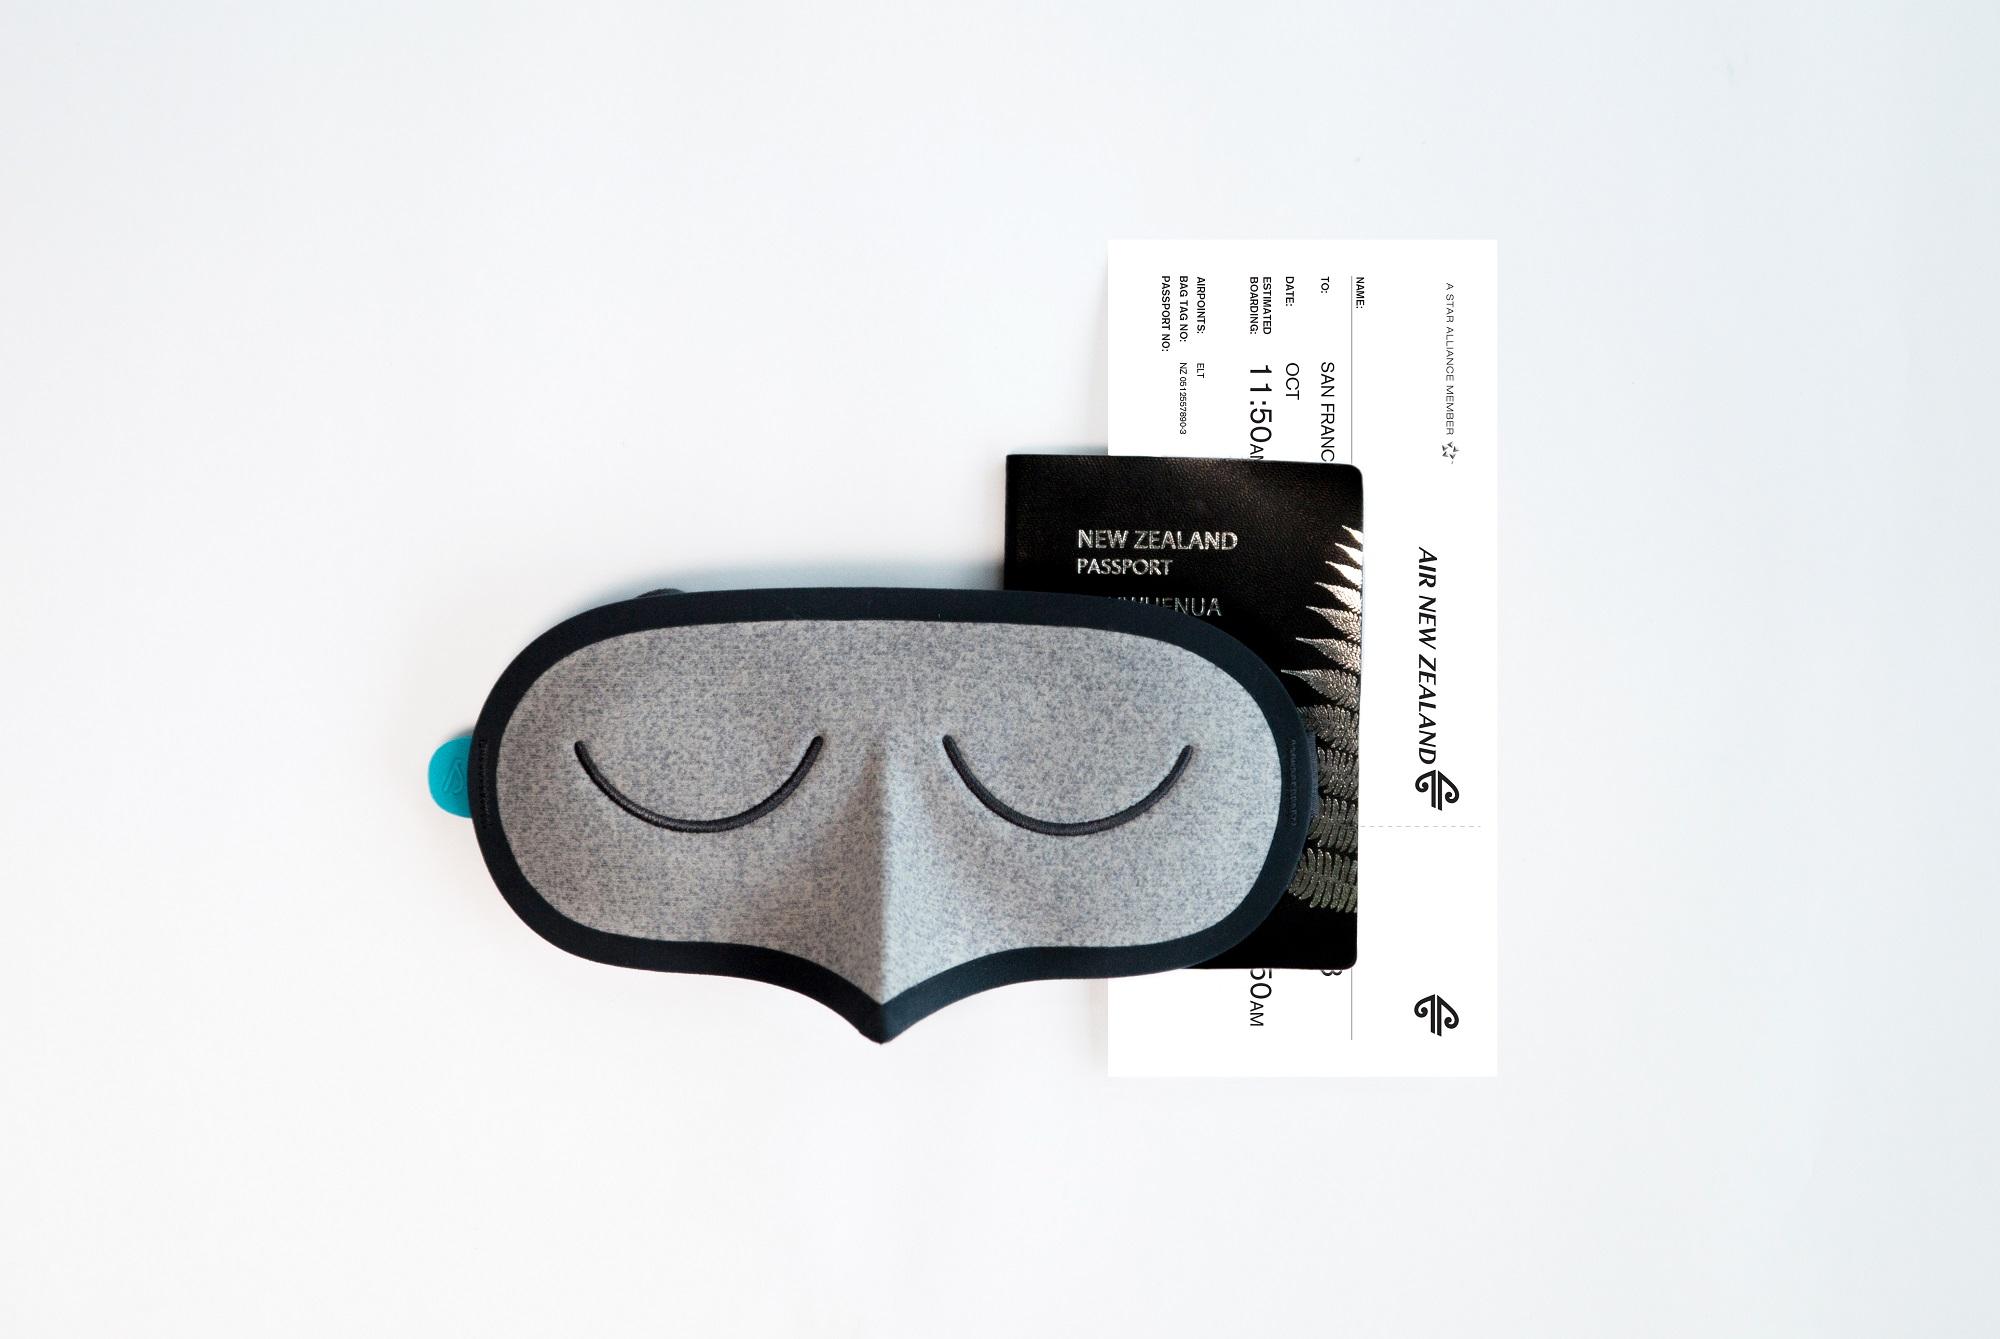 ニュージーランド航空、北米路線で「快眠」追求するアイマスク、上級座席で提供開始